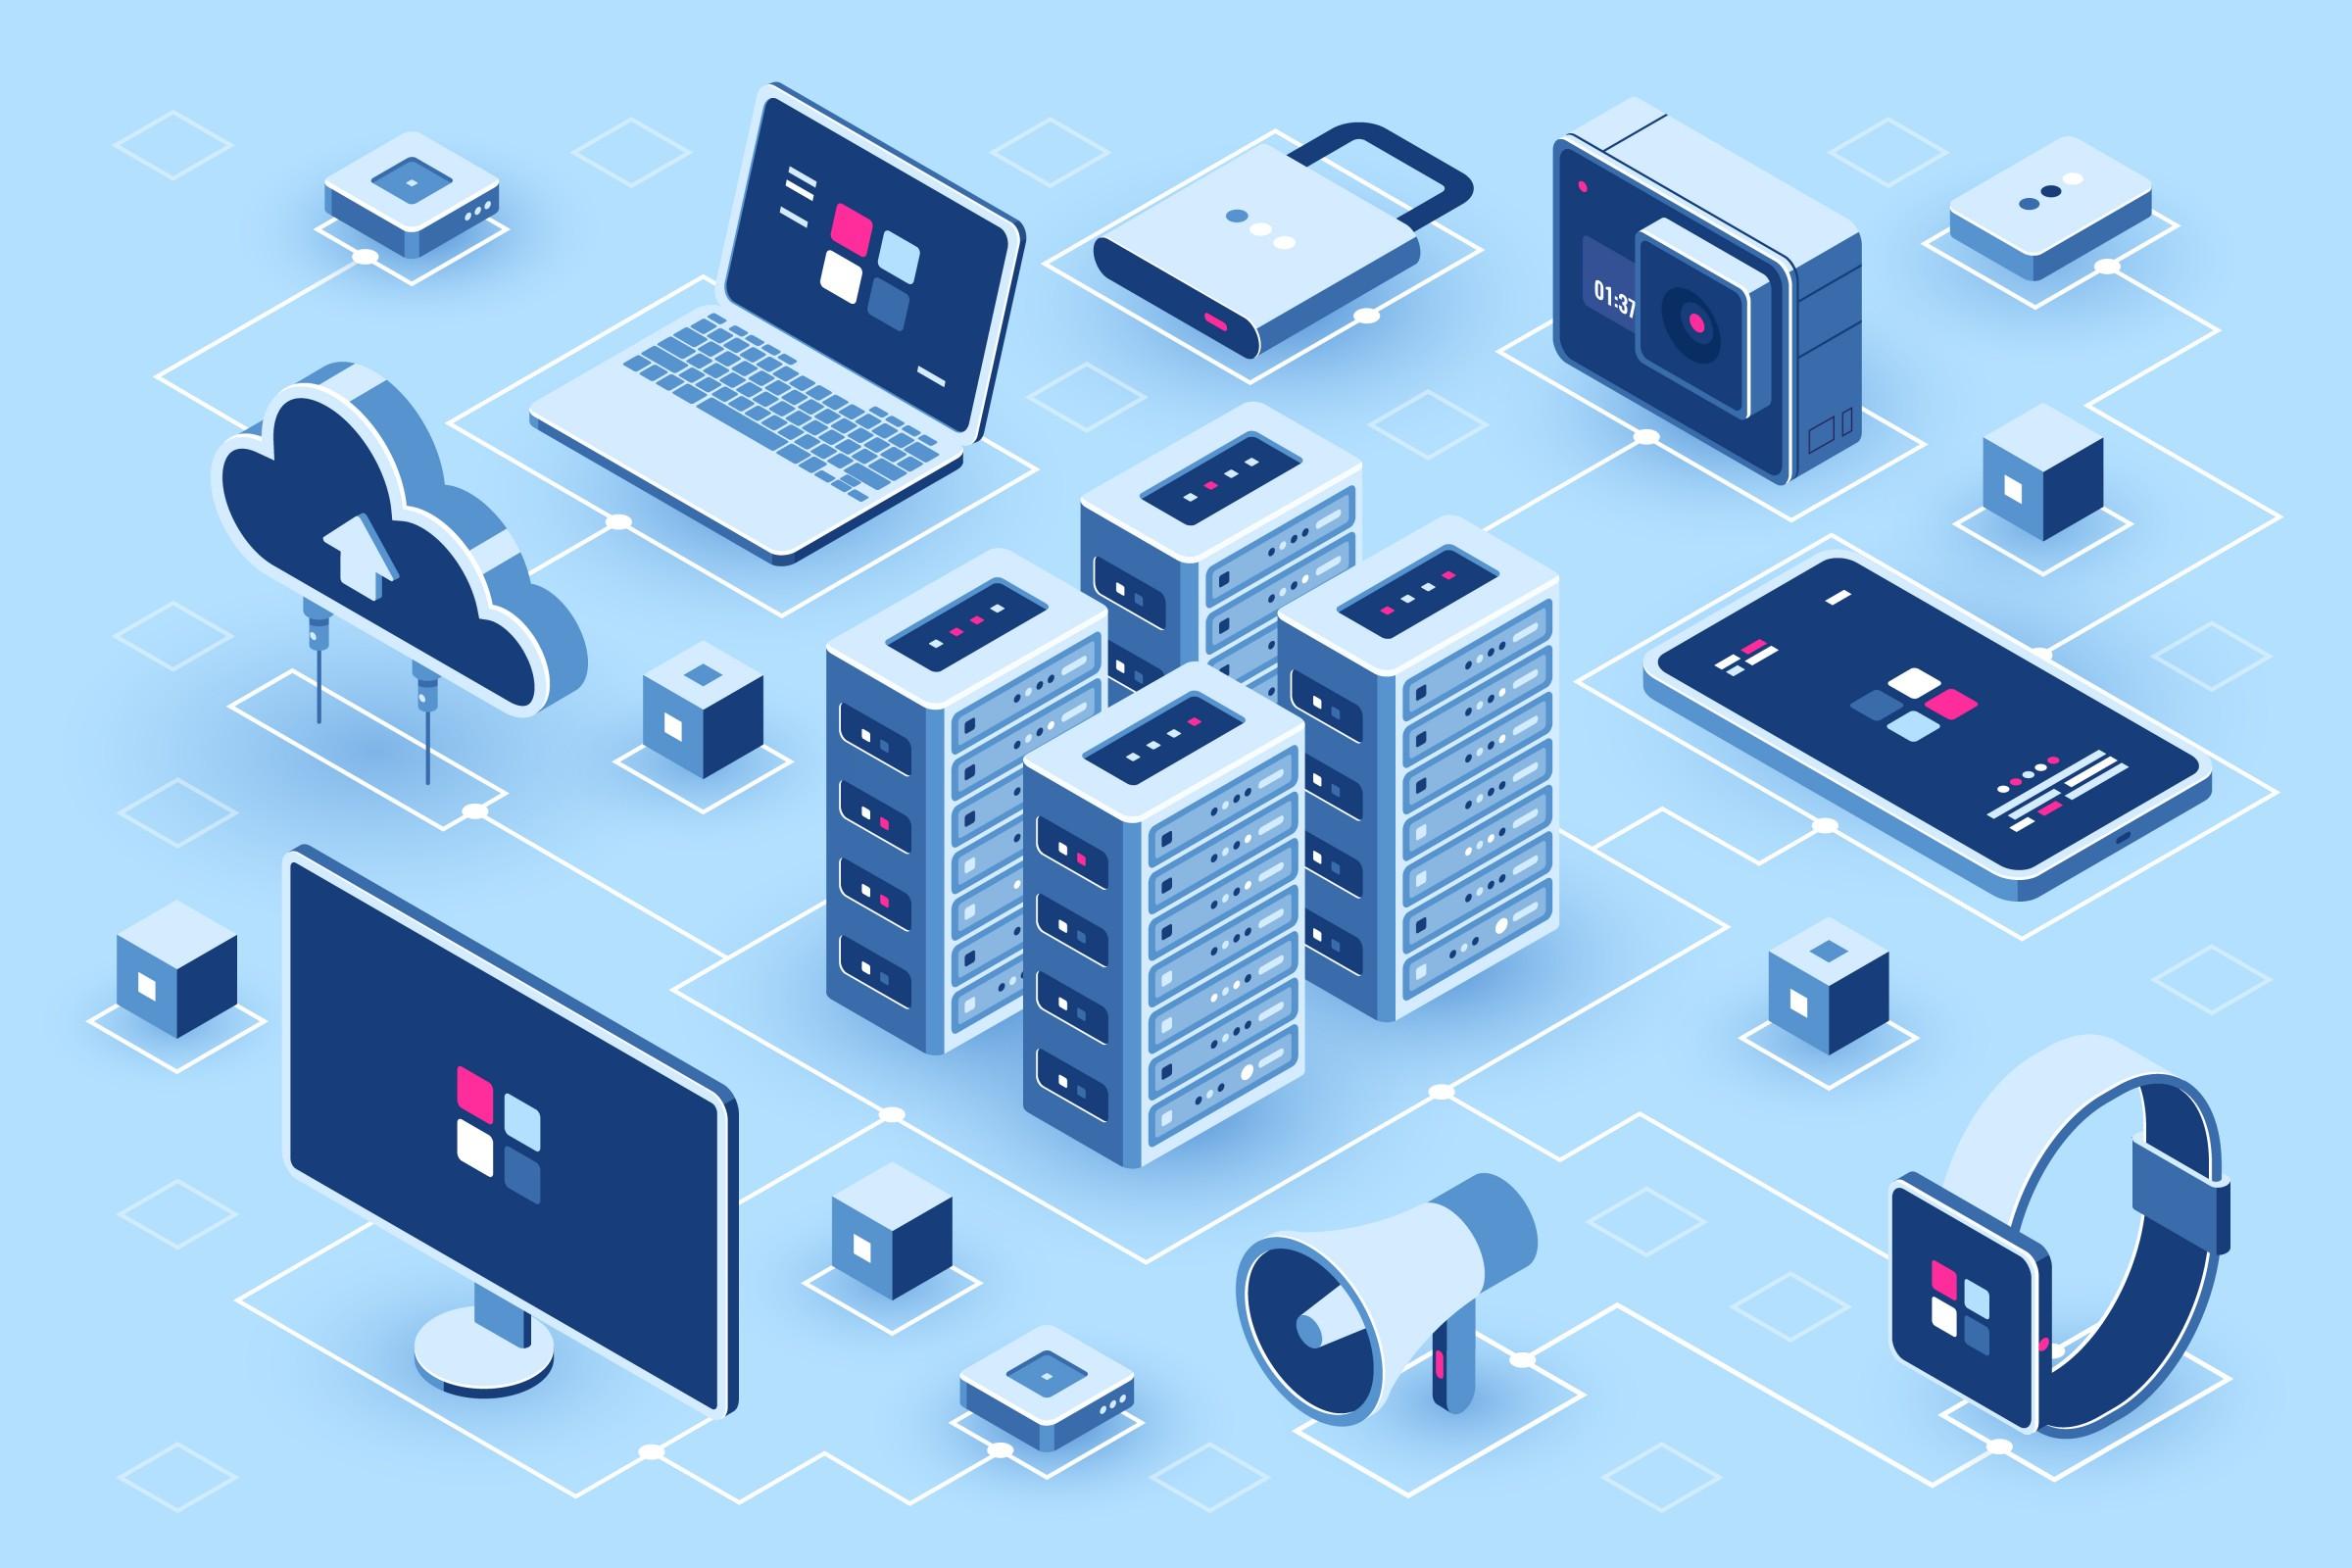 what do data centres do?